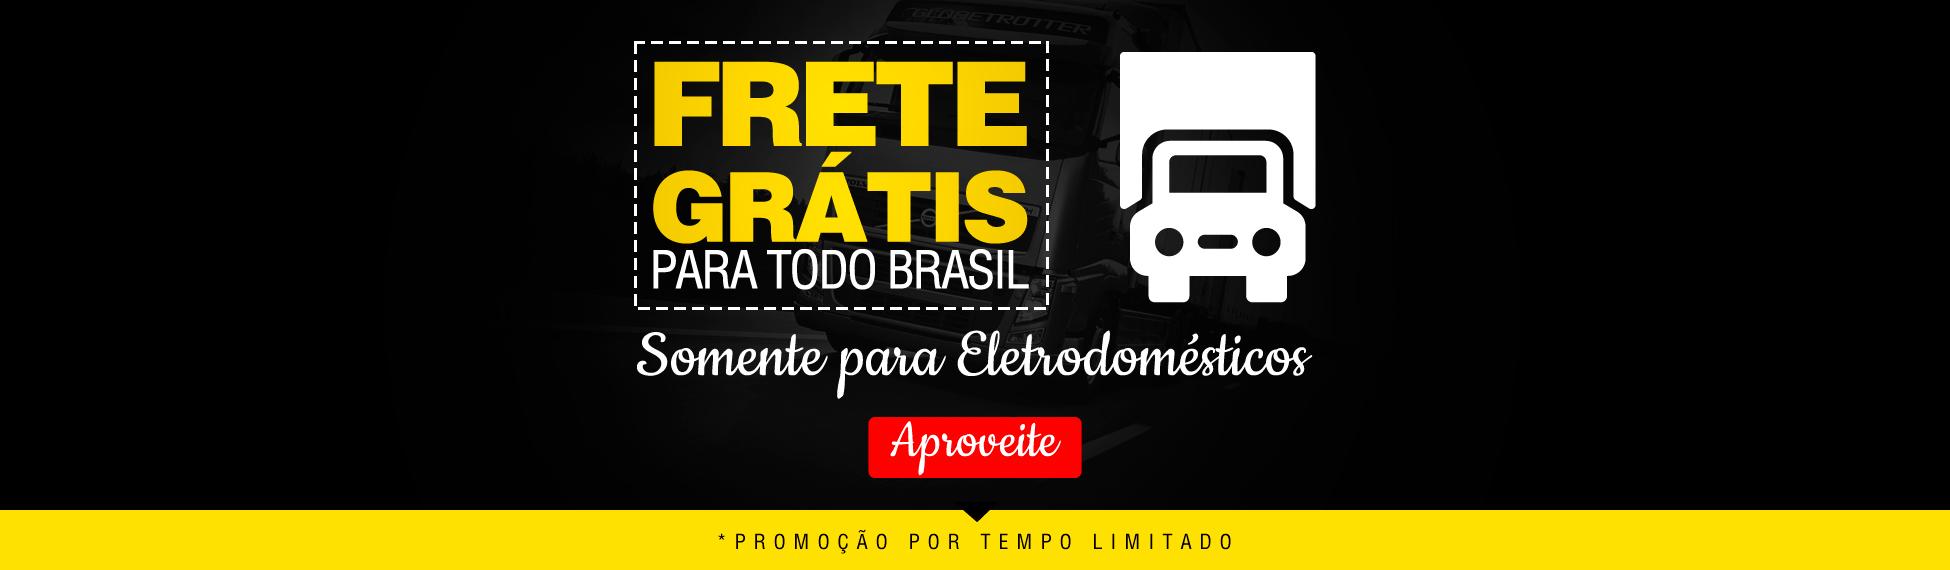 banner cooktops em promoção elettromec